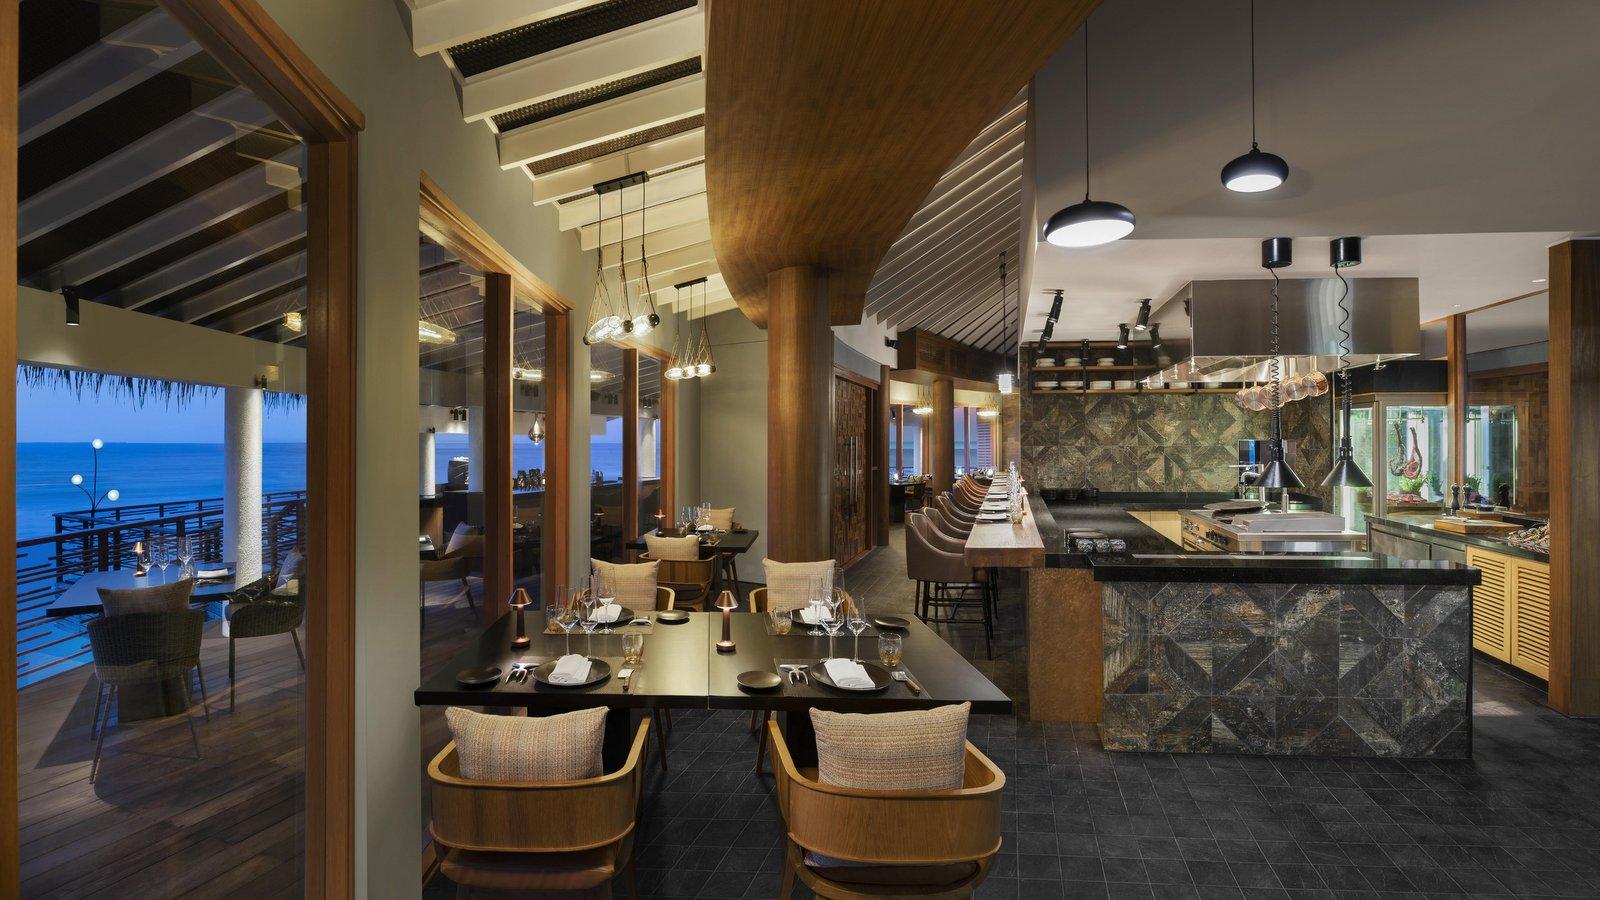 Мальдивы, отель JW Marriott Maldives Resort, ресторан Shio